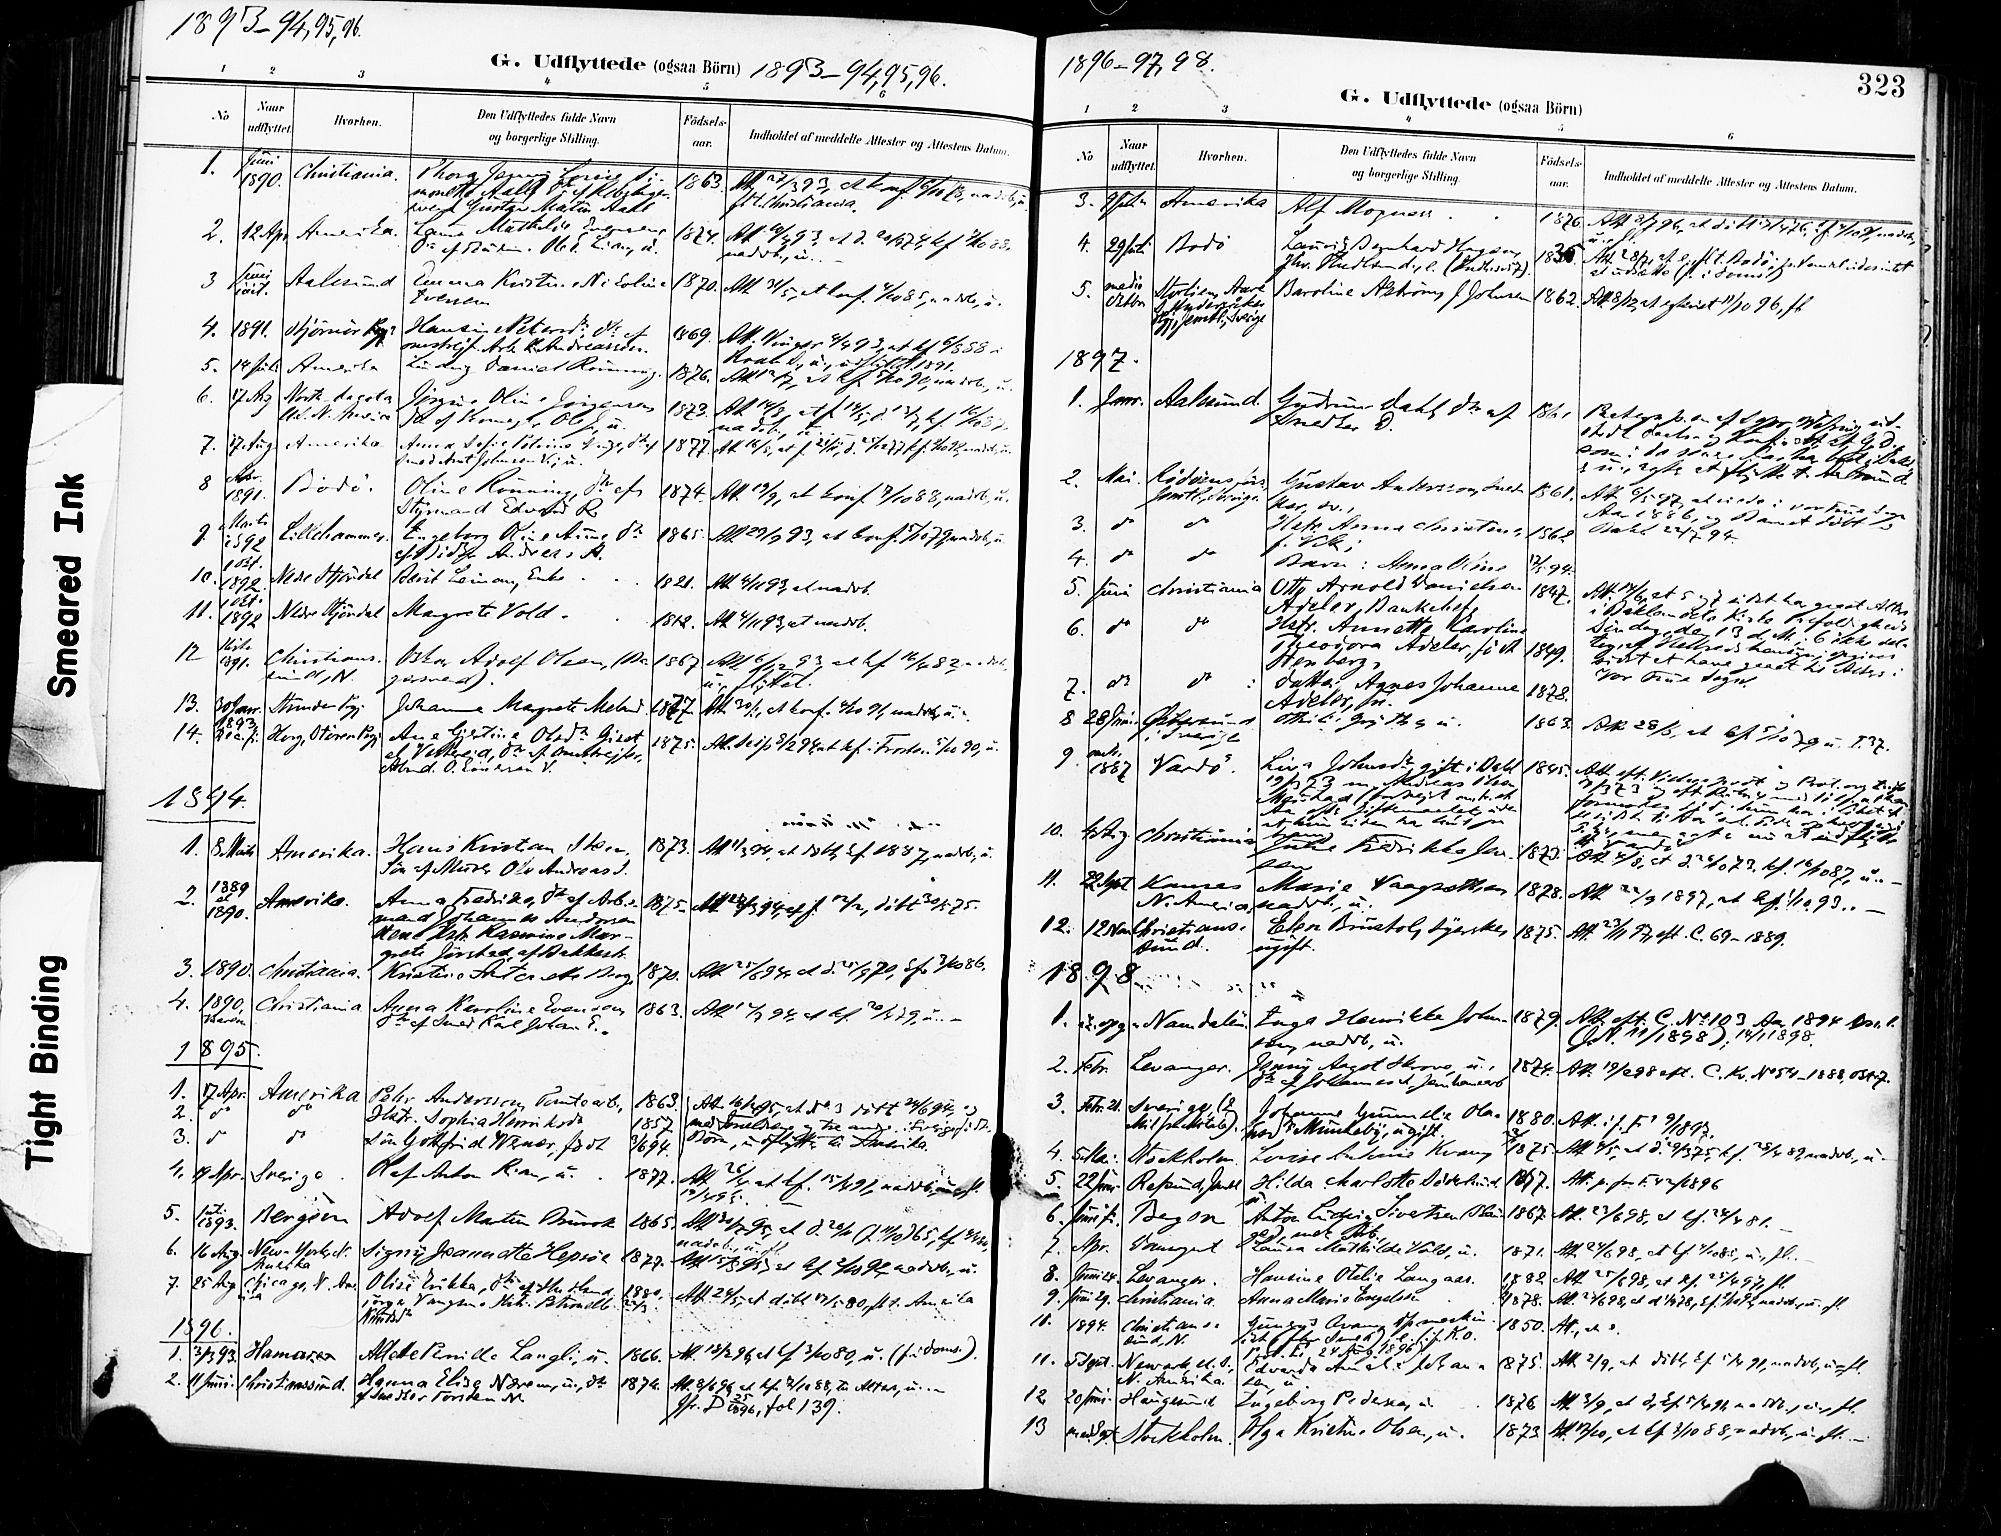 SAT, Ministerialprotokoller, klokkerbøker og fødselsregistre - Sør-Trøndelag, 604/L0198: Ministerialbok nr. 604A19, 1893-1900, s. 323